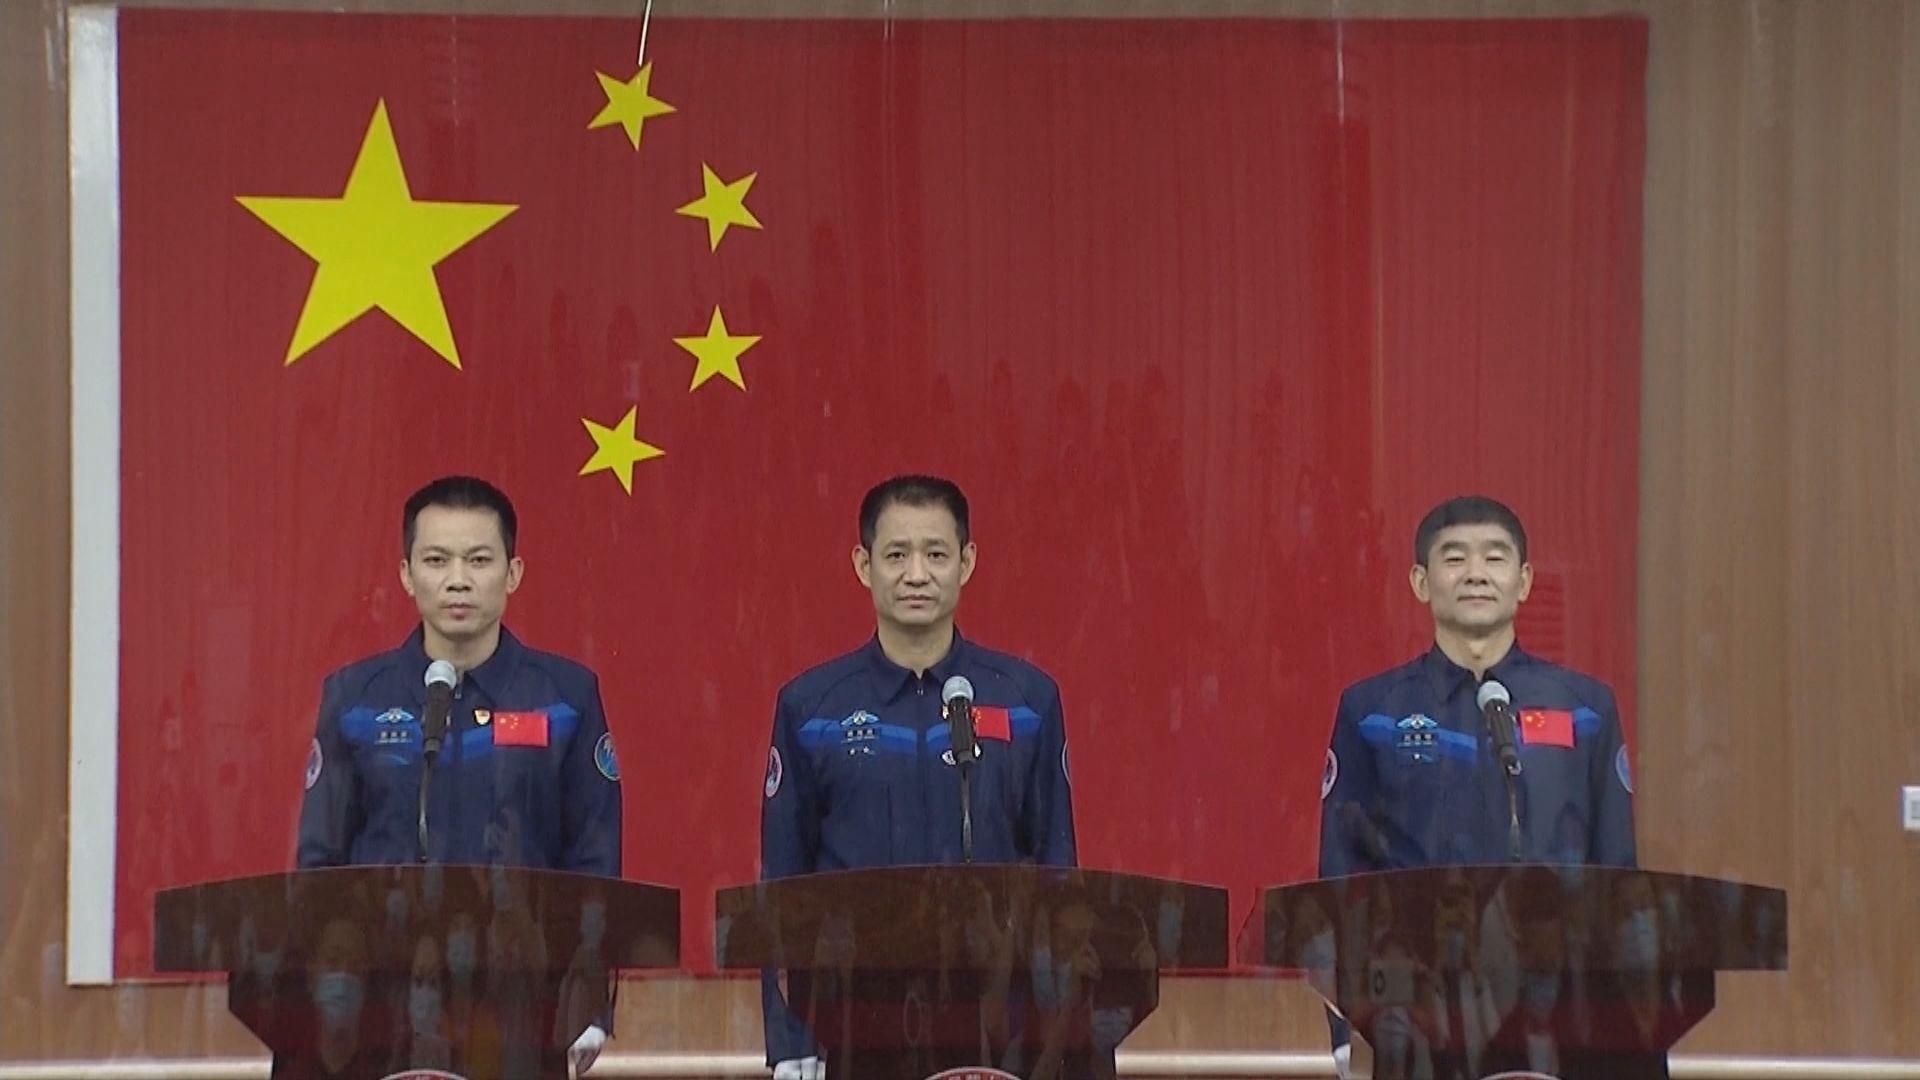 三名太空人將逗留太空三個月 負責驗證建設太空站技術